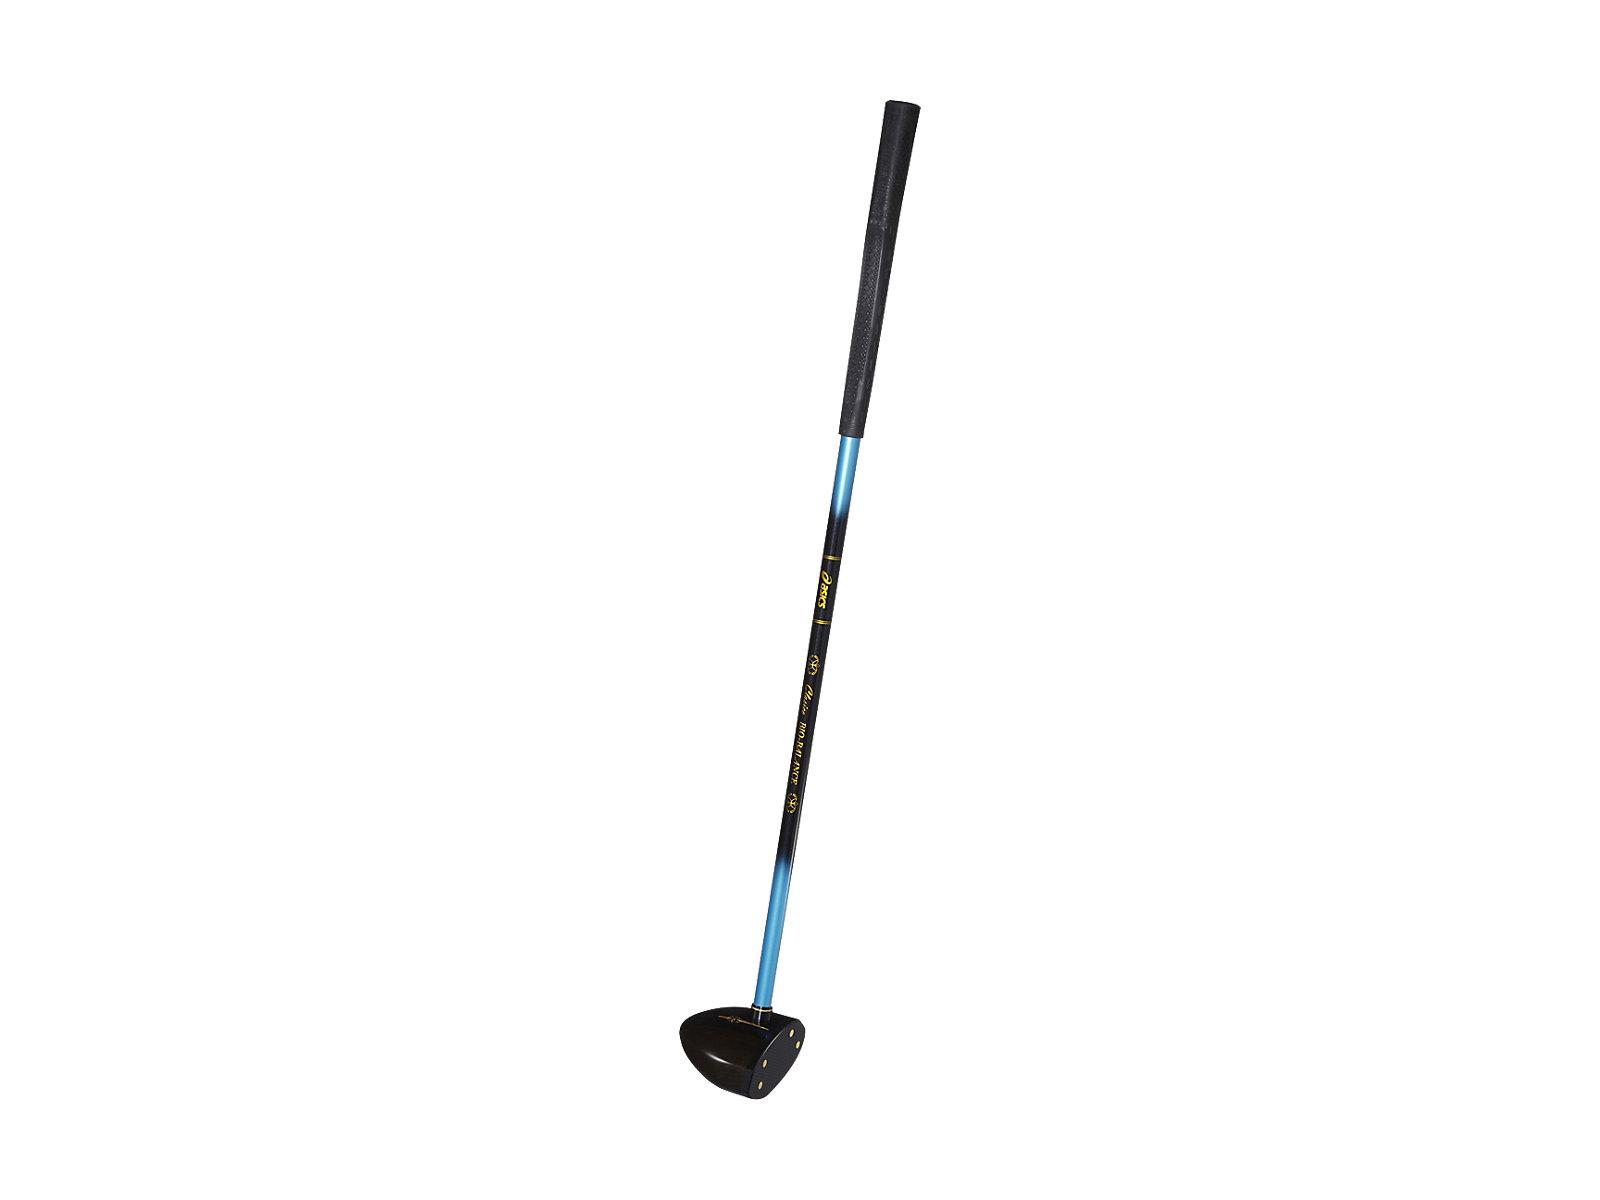 asics(アシックス) パークゴルフ クラブ パークゴルフ クラシコ クラシコ バイオバランス クラブ GGP119, アート静美洞:52979d99 --- sunward.msk.ru